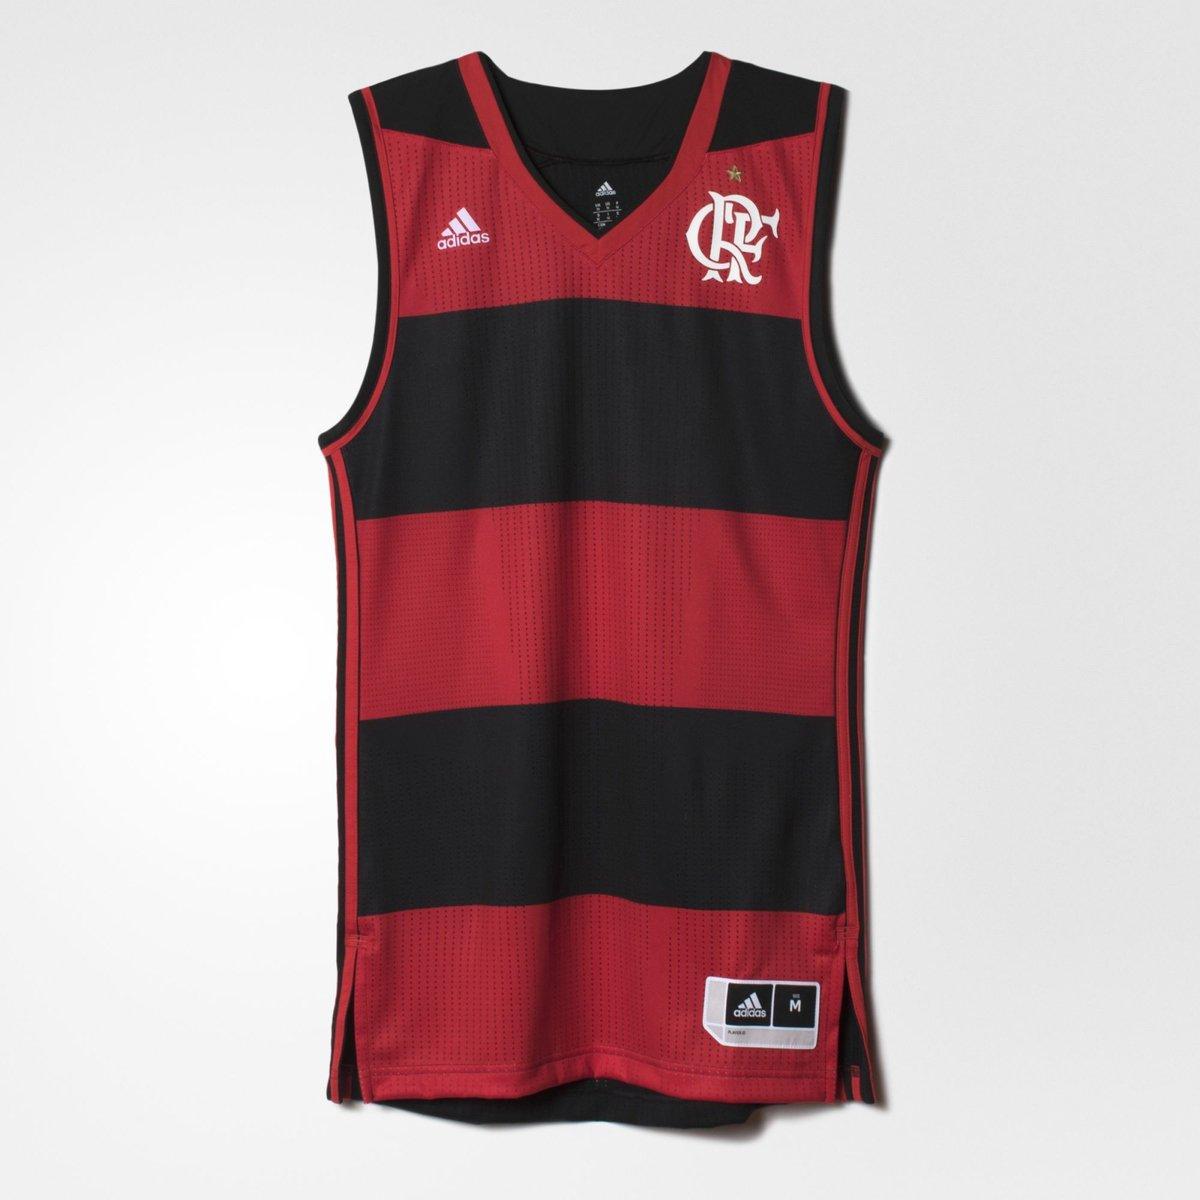 Camiseta Regata Flamengo Basquete Jogo I Adidas 2016 - Compre Agora ... f7cb9ba8dd85f